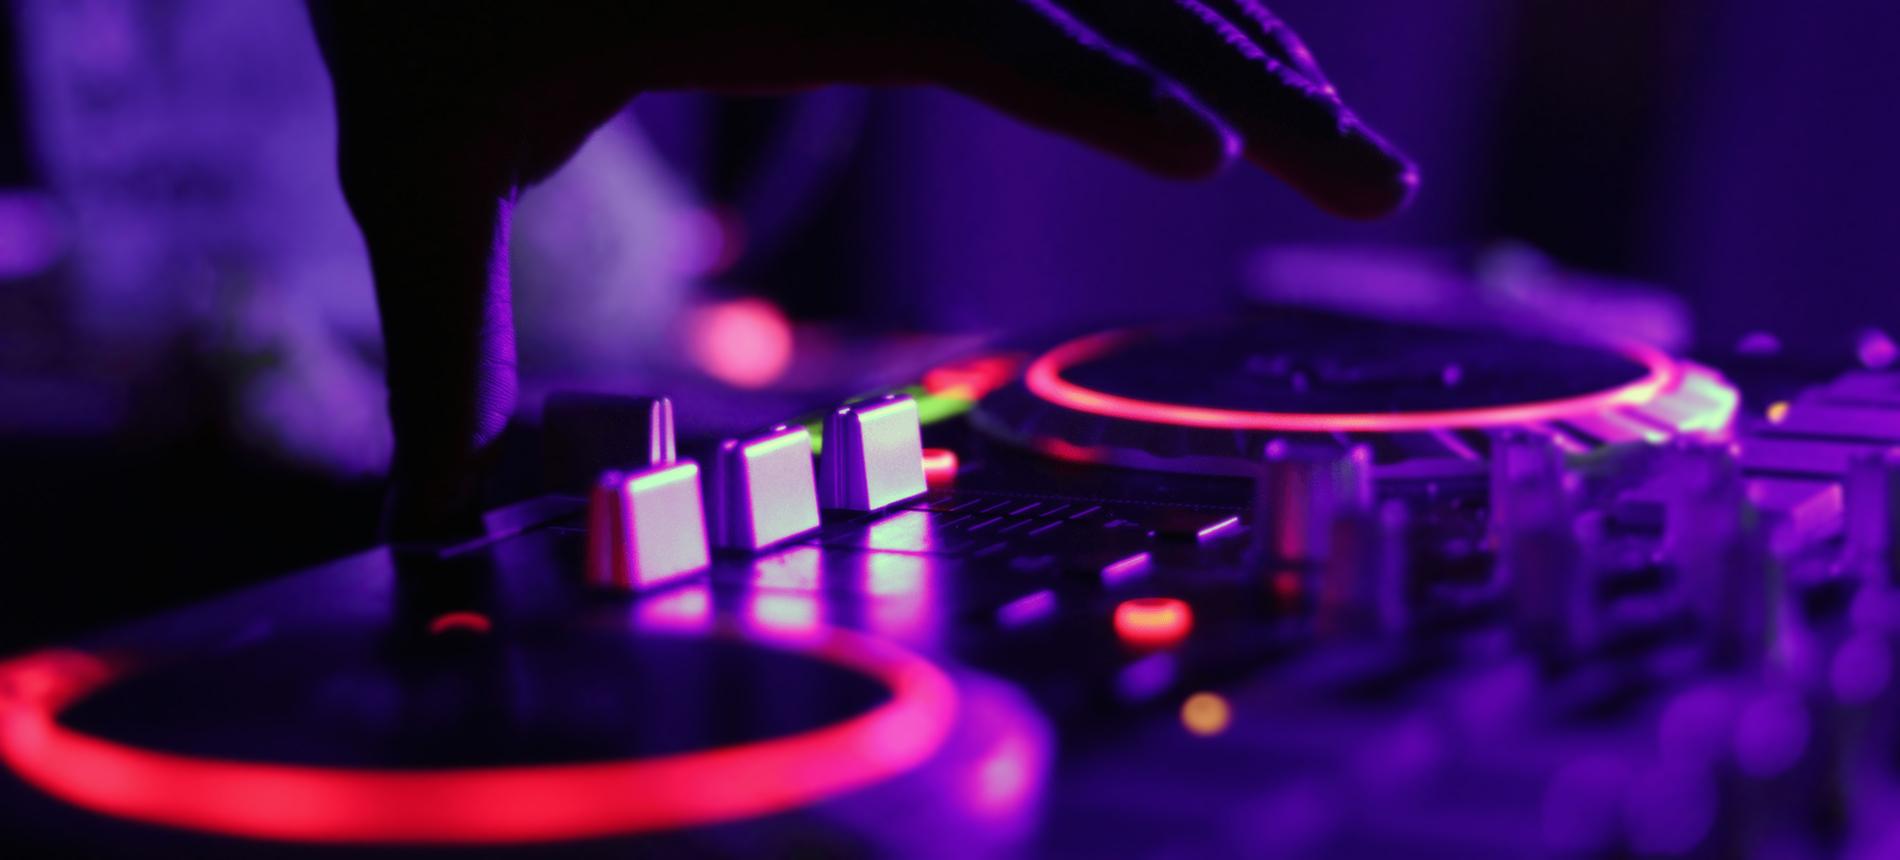 ศิลปินนักร้องและวงตนตรีชั้นนำที่โด่งดังและเป็นที่รู้จัก